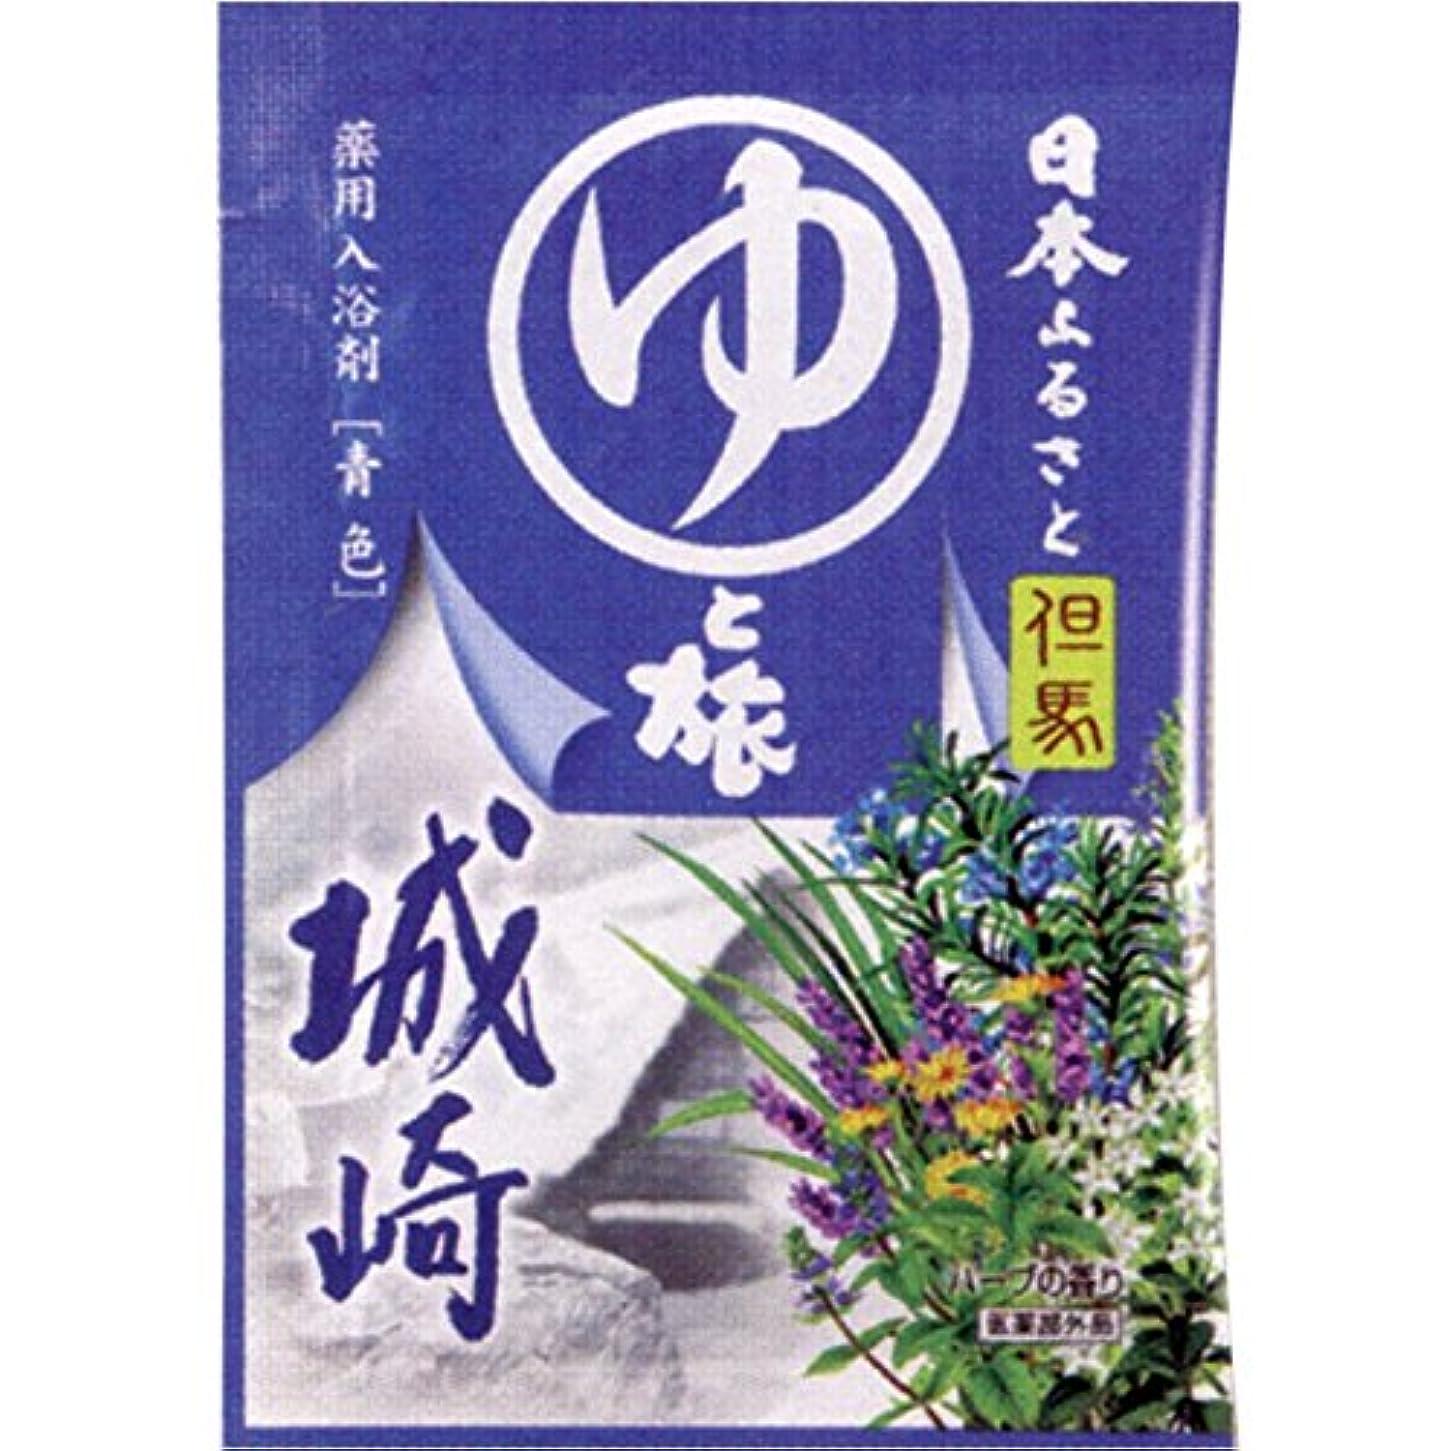 ヤマサキの入浴剤シリーズ 城崎(入浴剤)